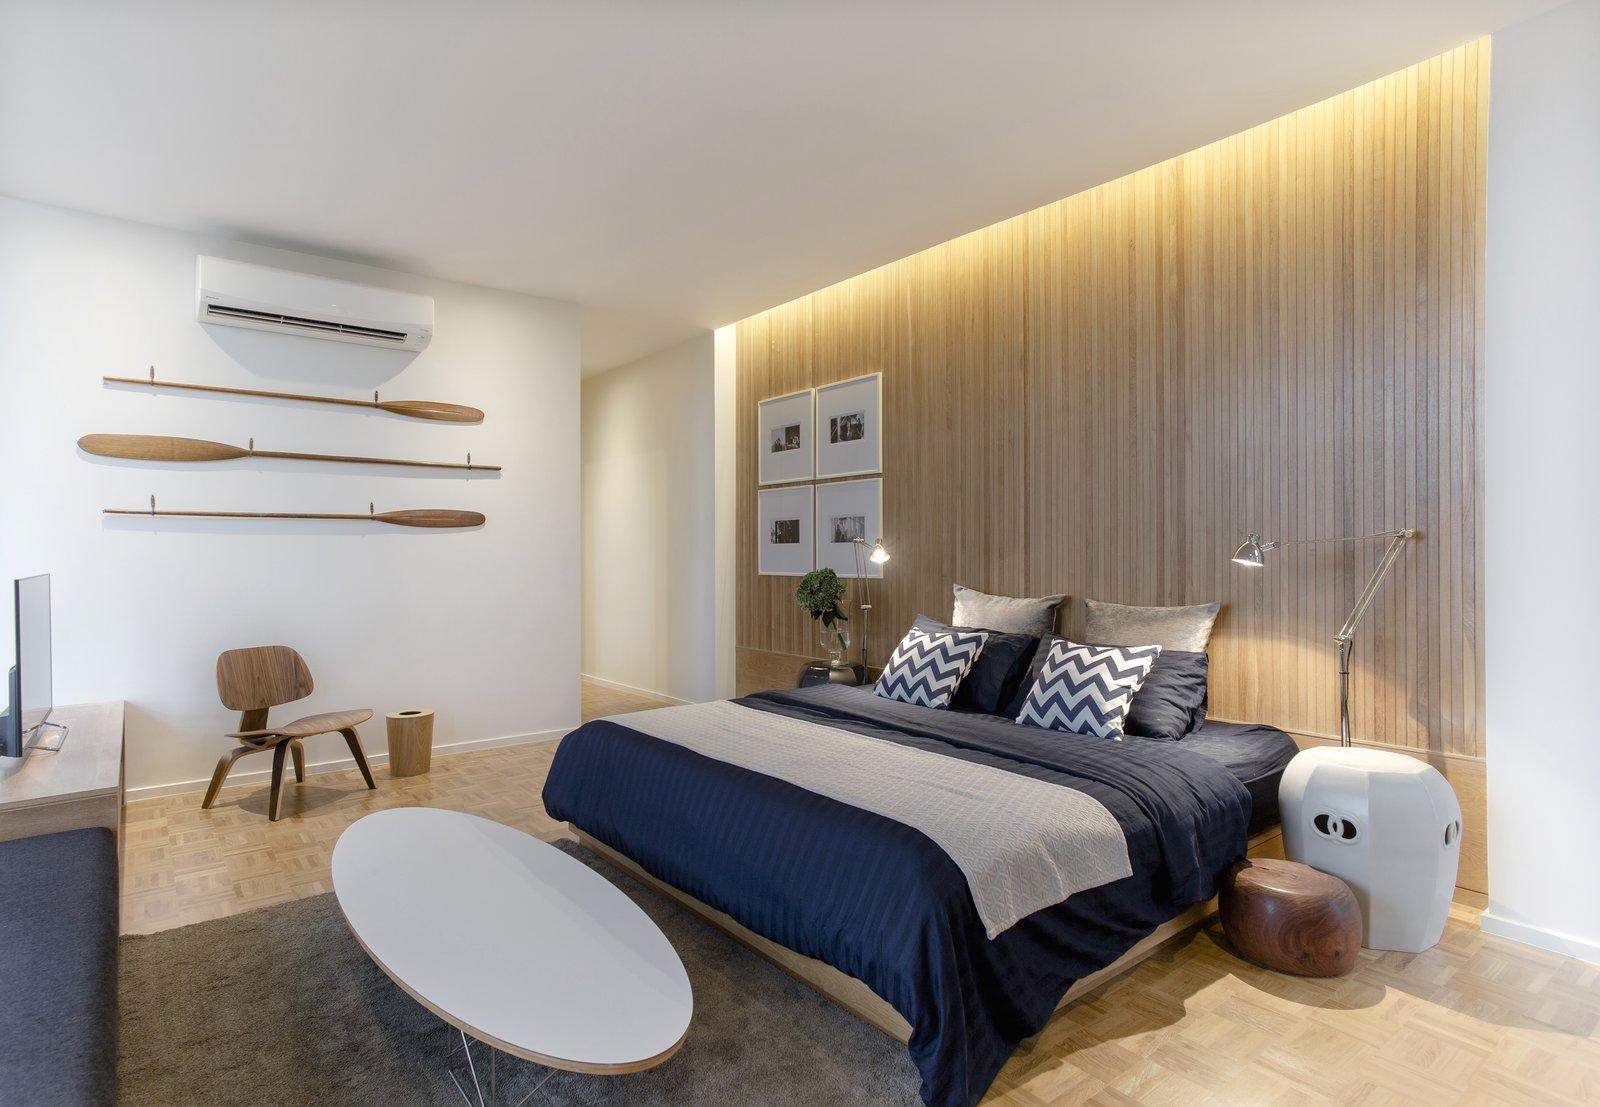 Bedroom, Bed, Chair, Recessed Lighting, Floor Lighting, and Light Hardwood Floor  Huamark 09